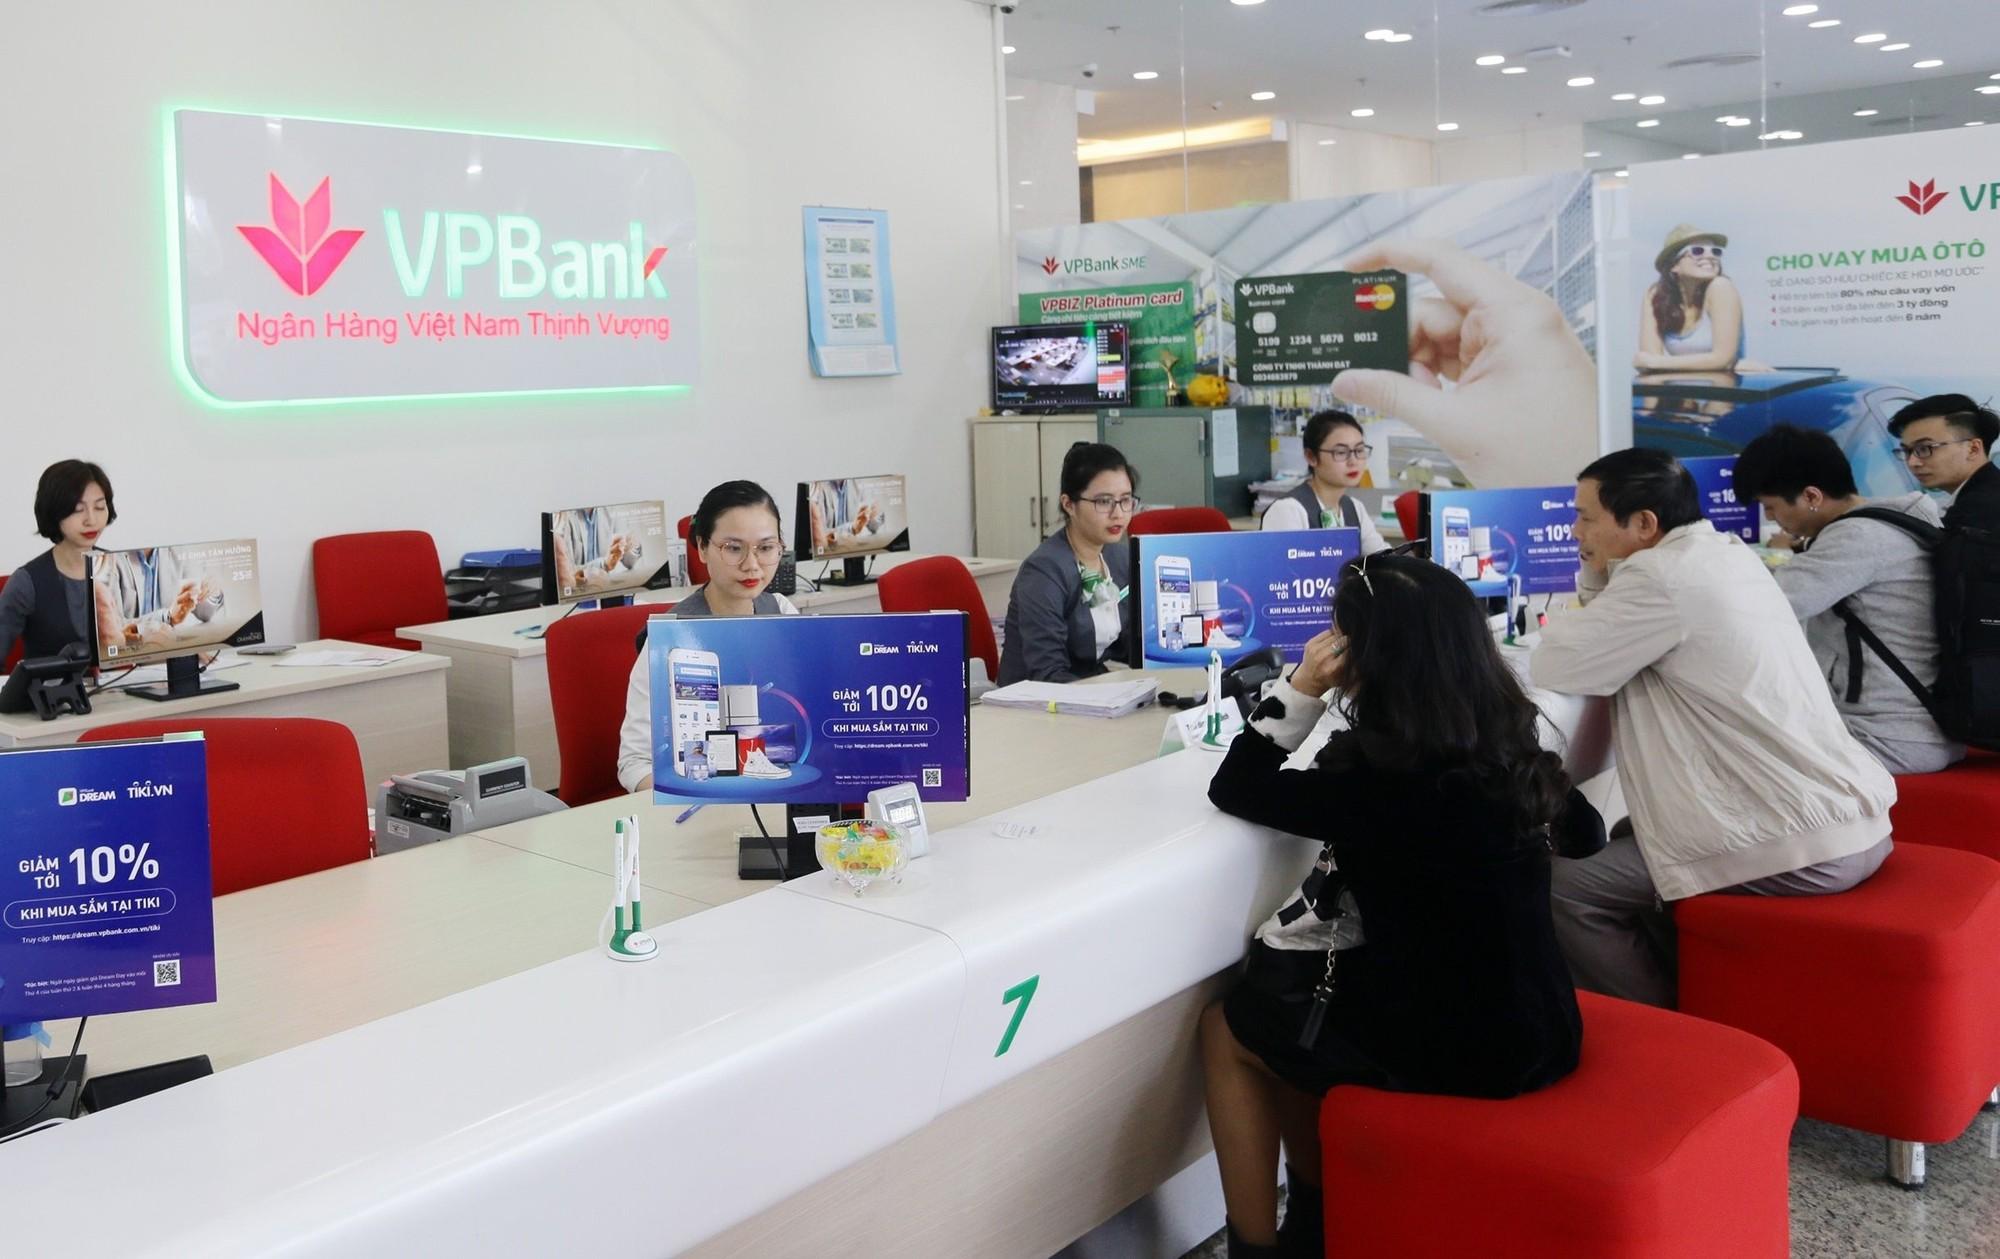 VPBank lãi trước thuế hơn 1.700 tỉ đồng quý I - Ảnh 1.